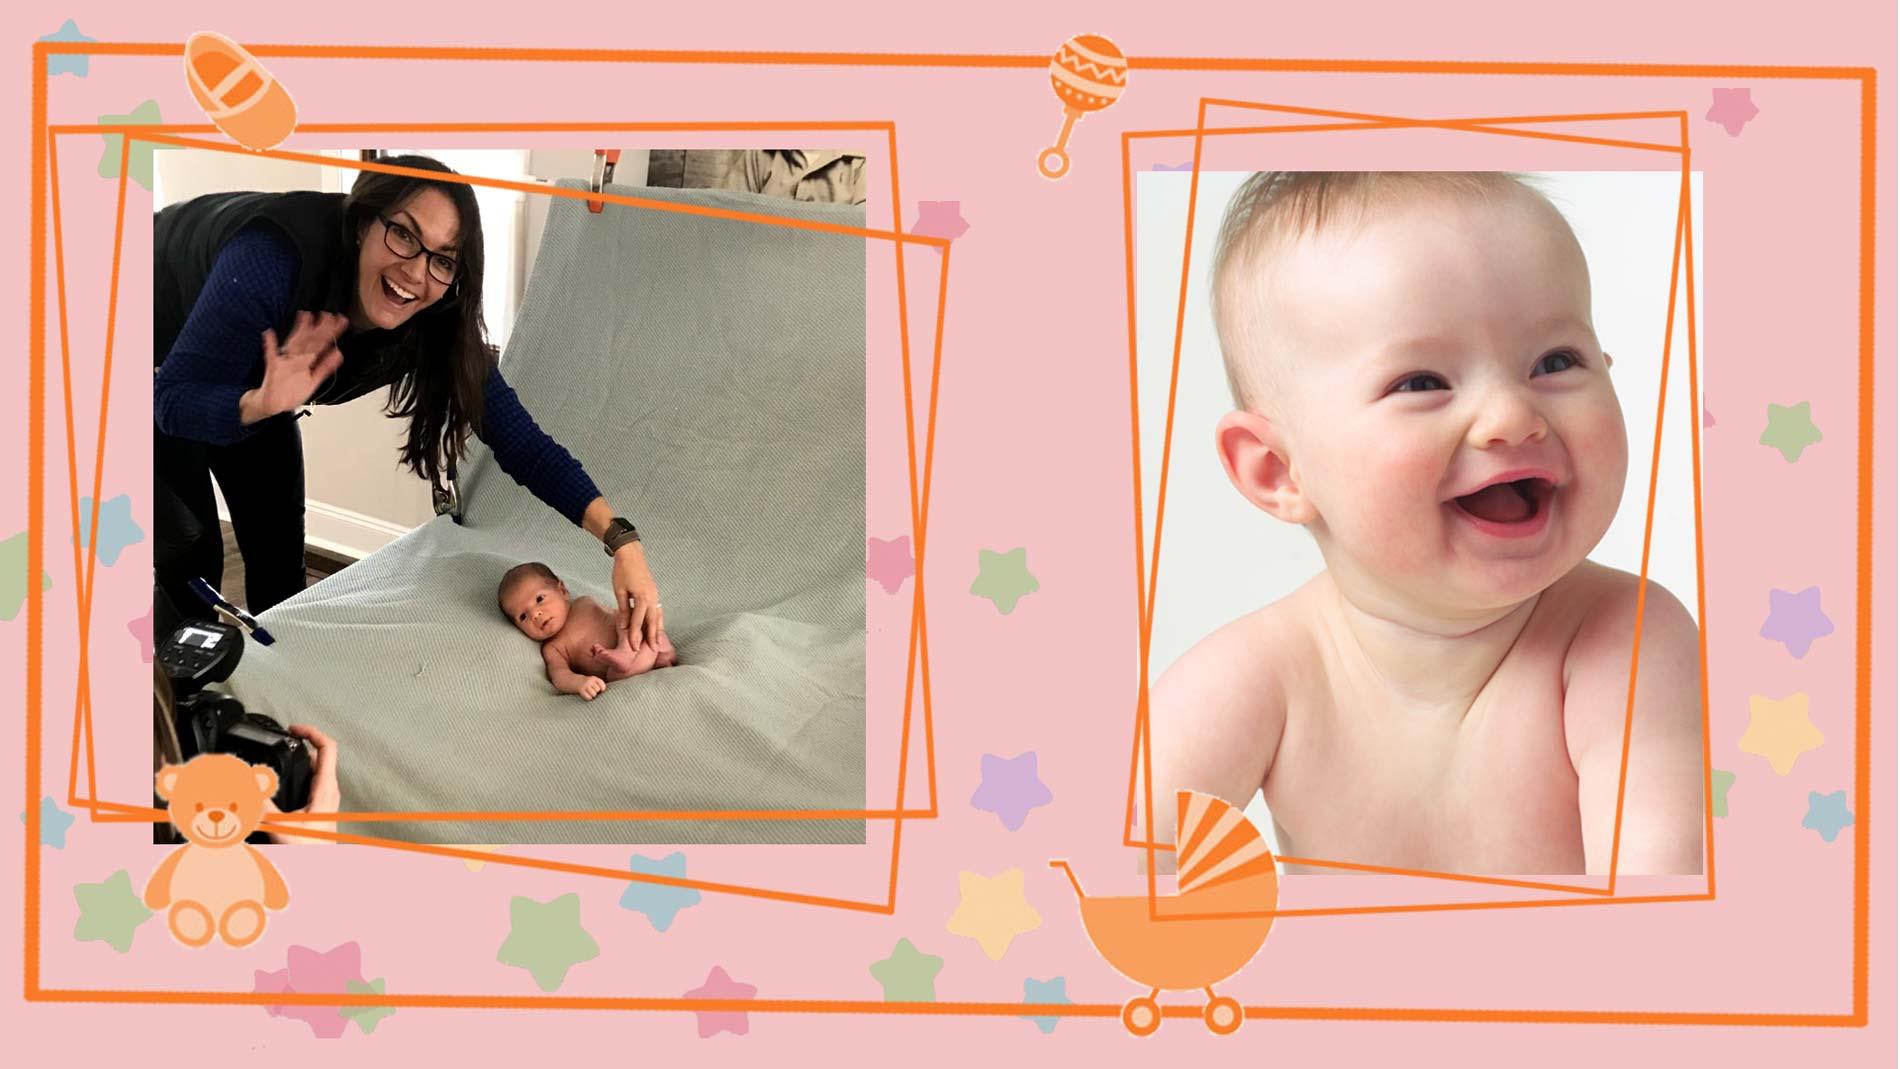 baby photography125 - نکات عکاسی از کودک و نوزاد